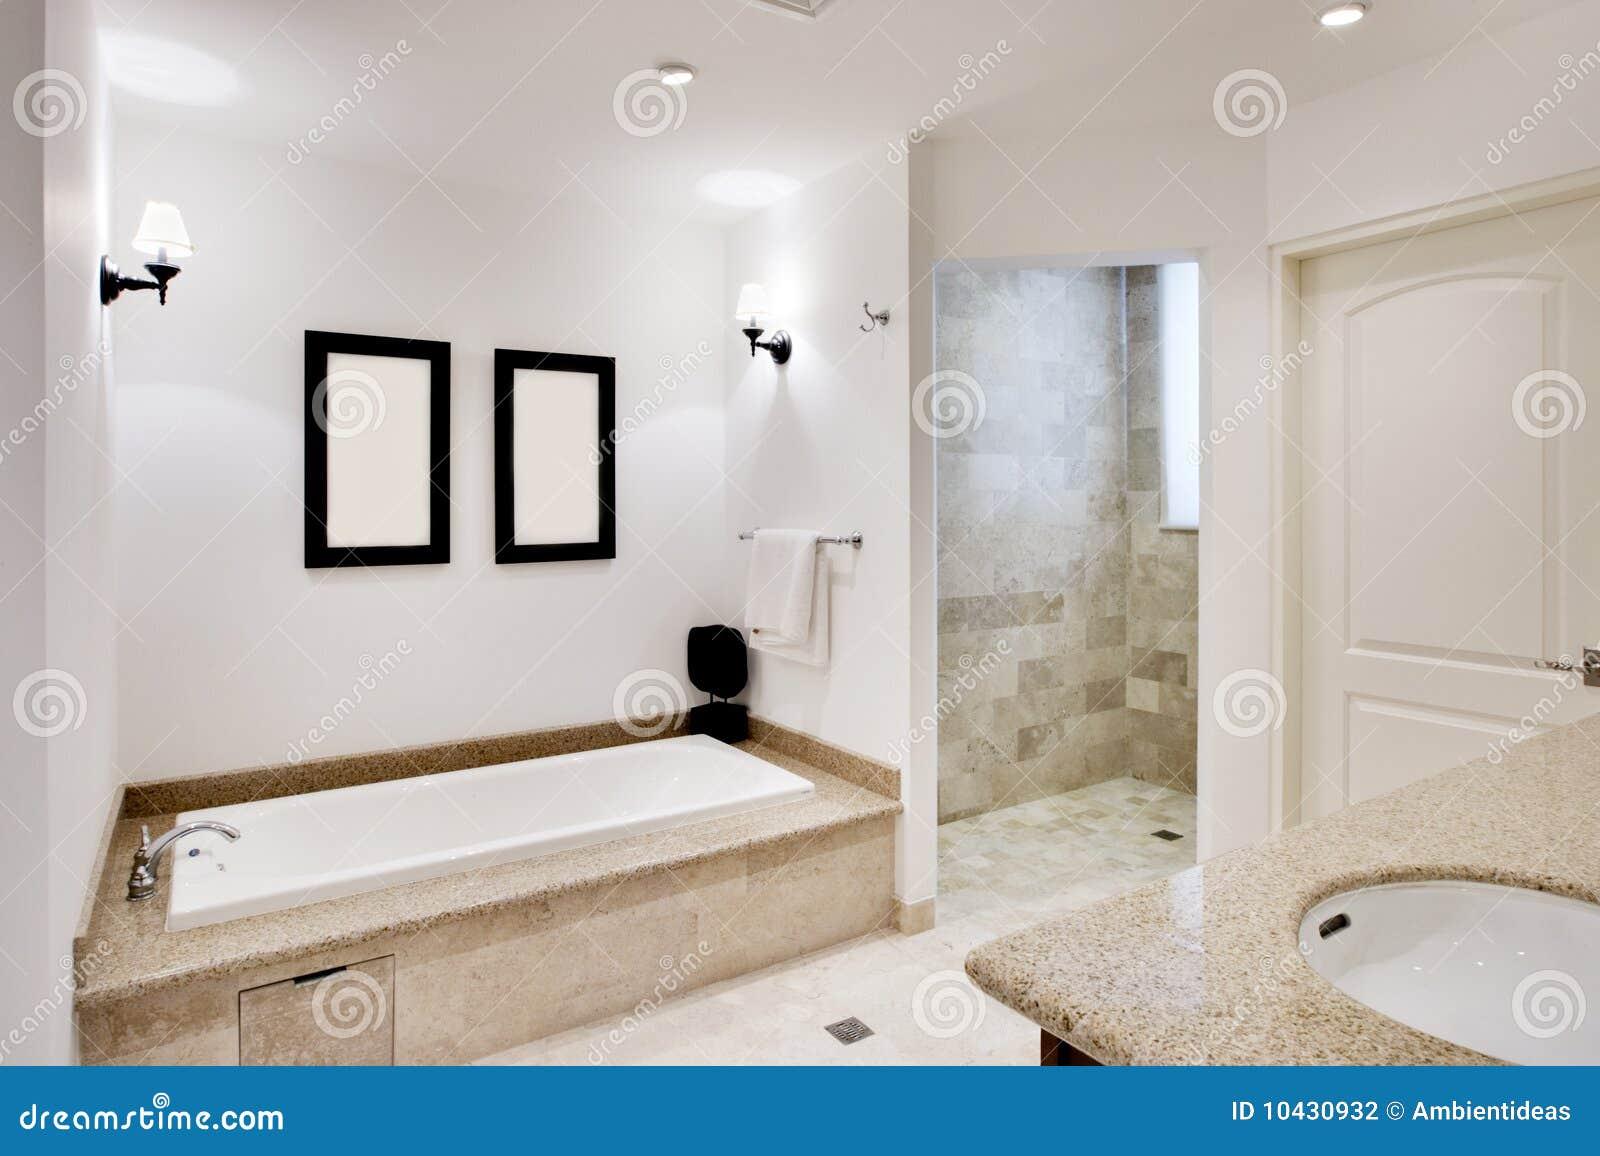 Cuarto de ba o con la tina y la ducha fotograf a de for Banos con tina y ducha